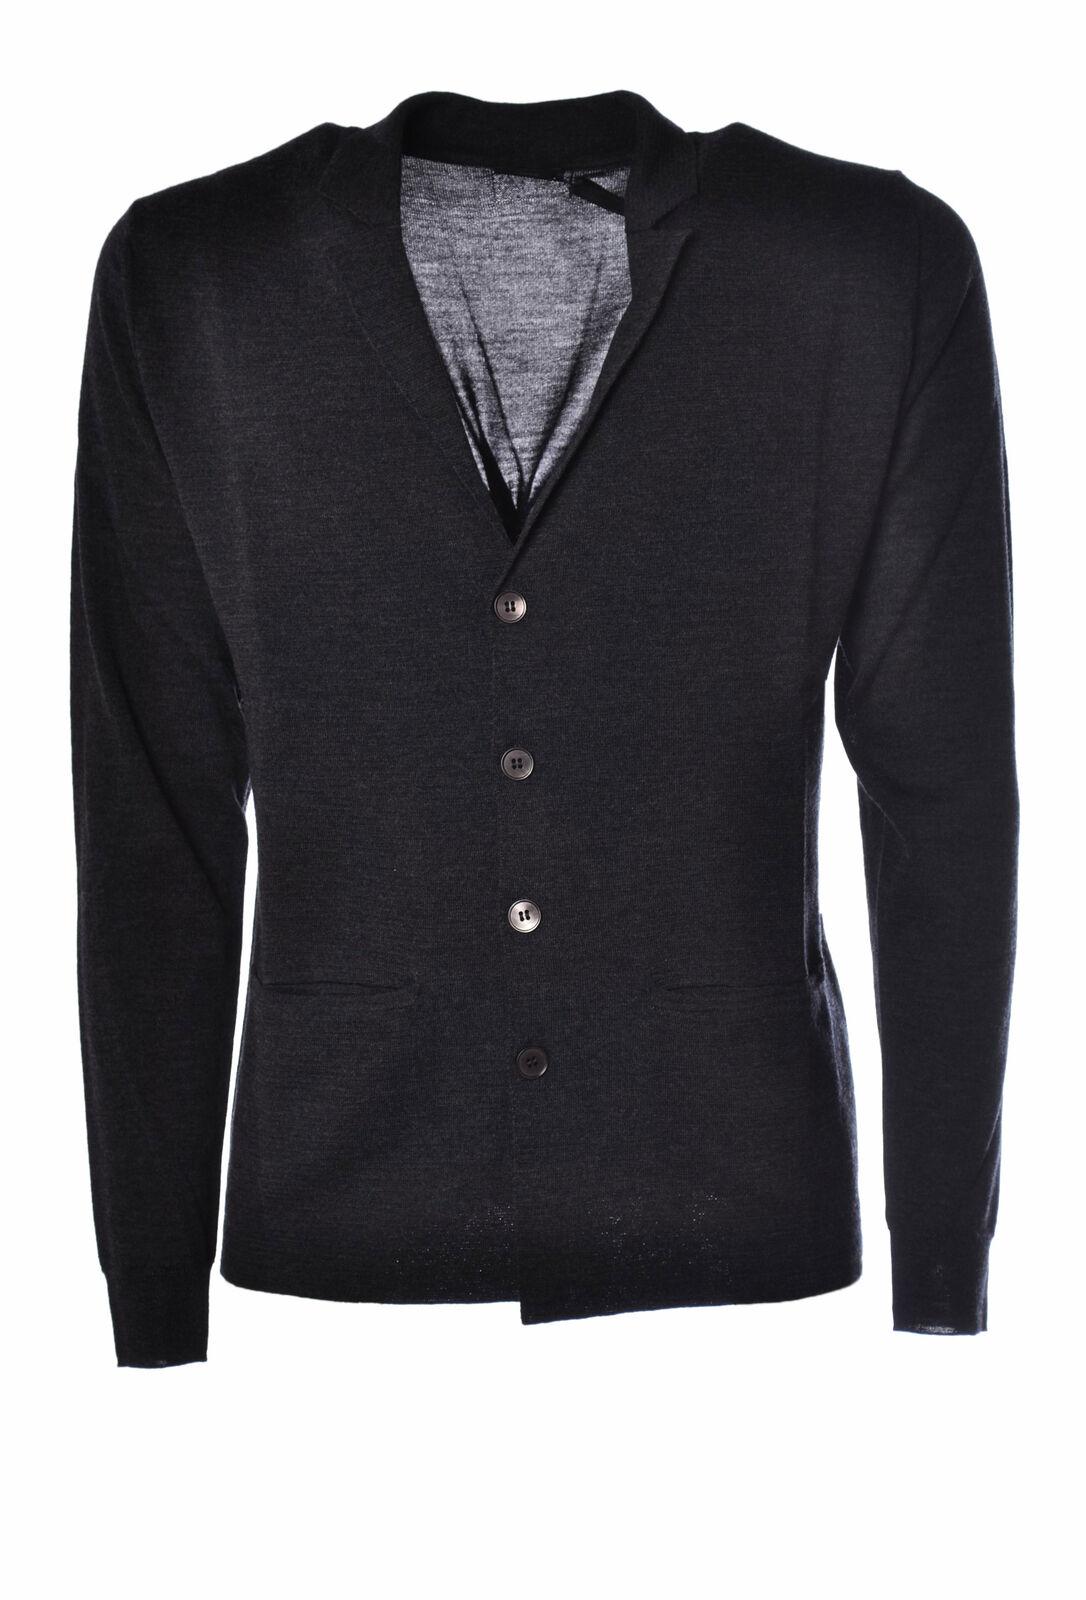 Hosio  -  Cardigan - Male - Grau - 2503026N173902